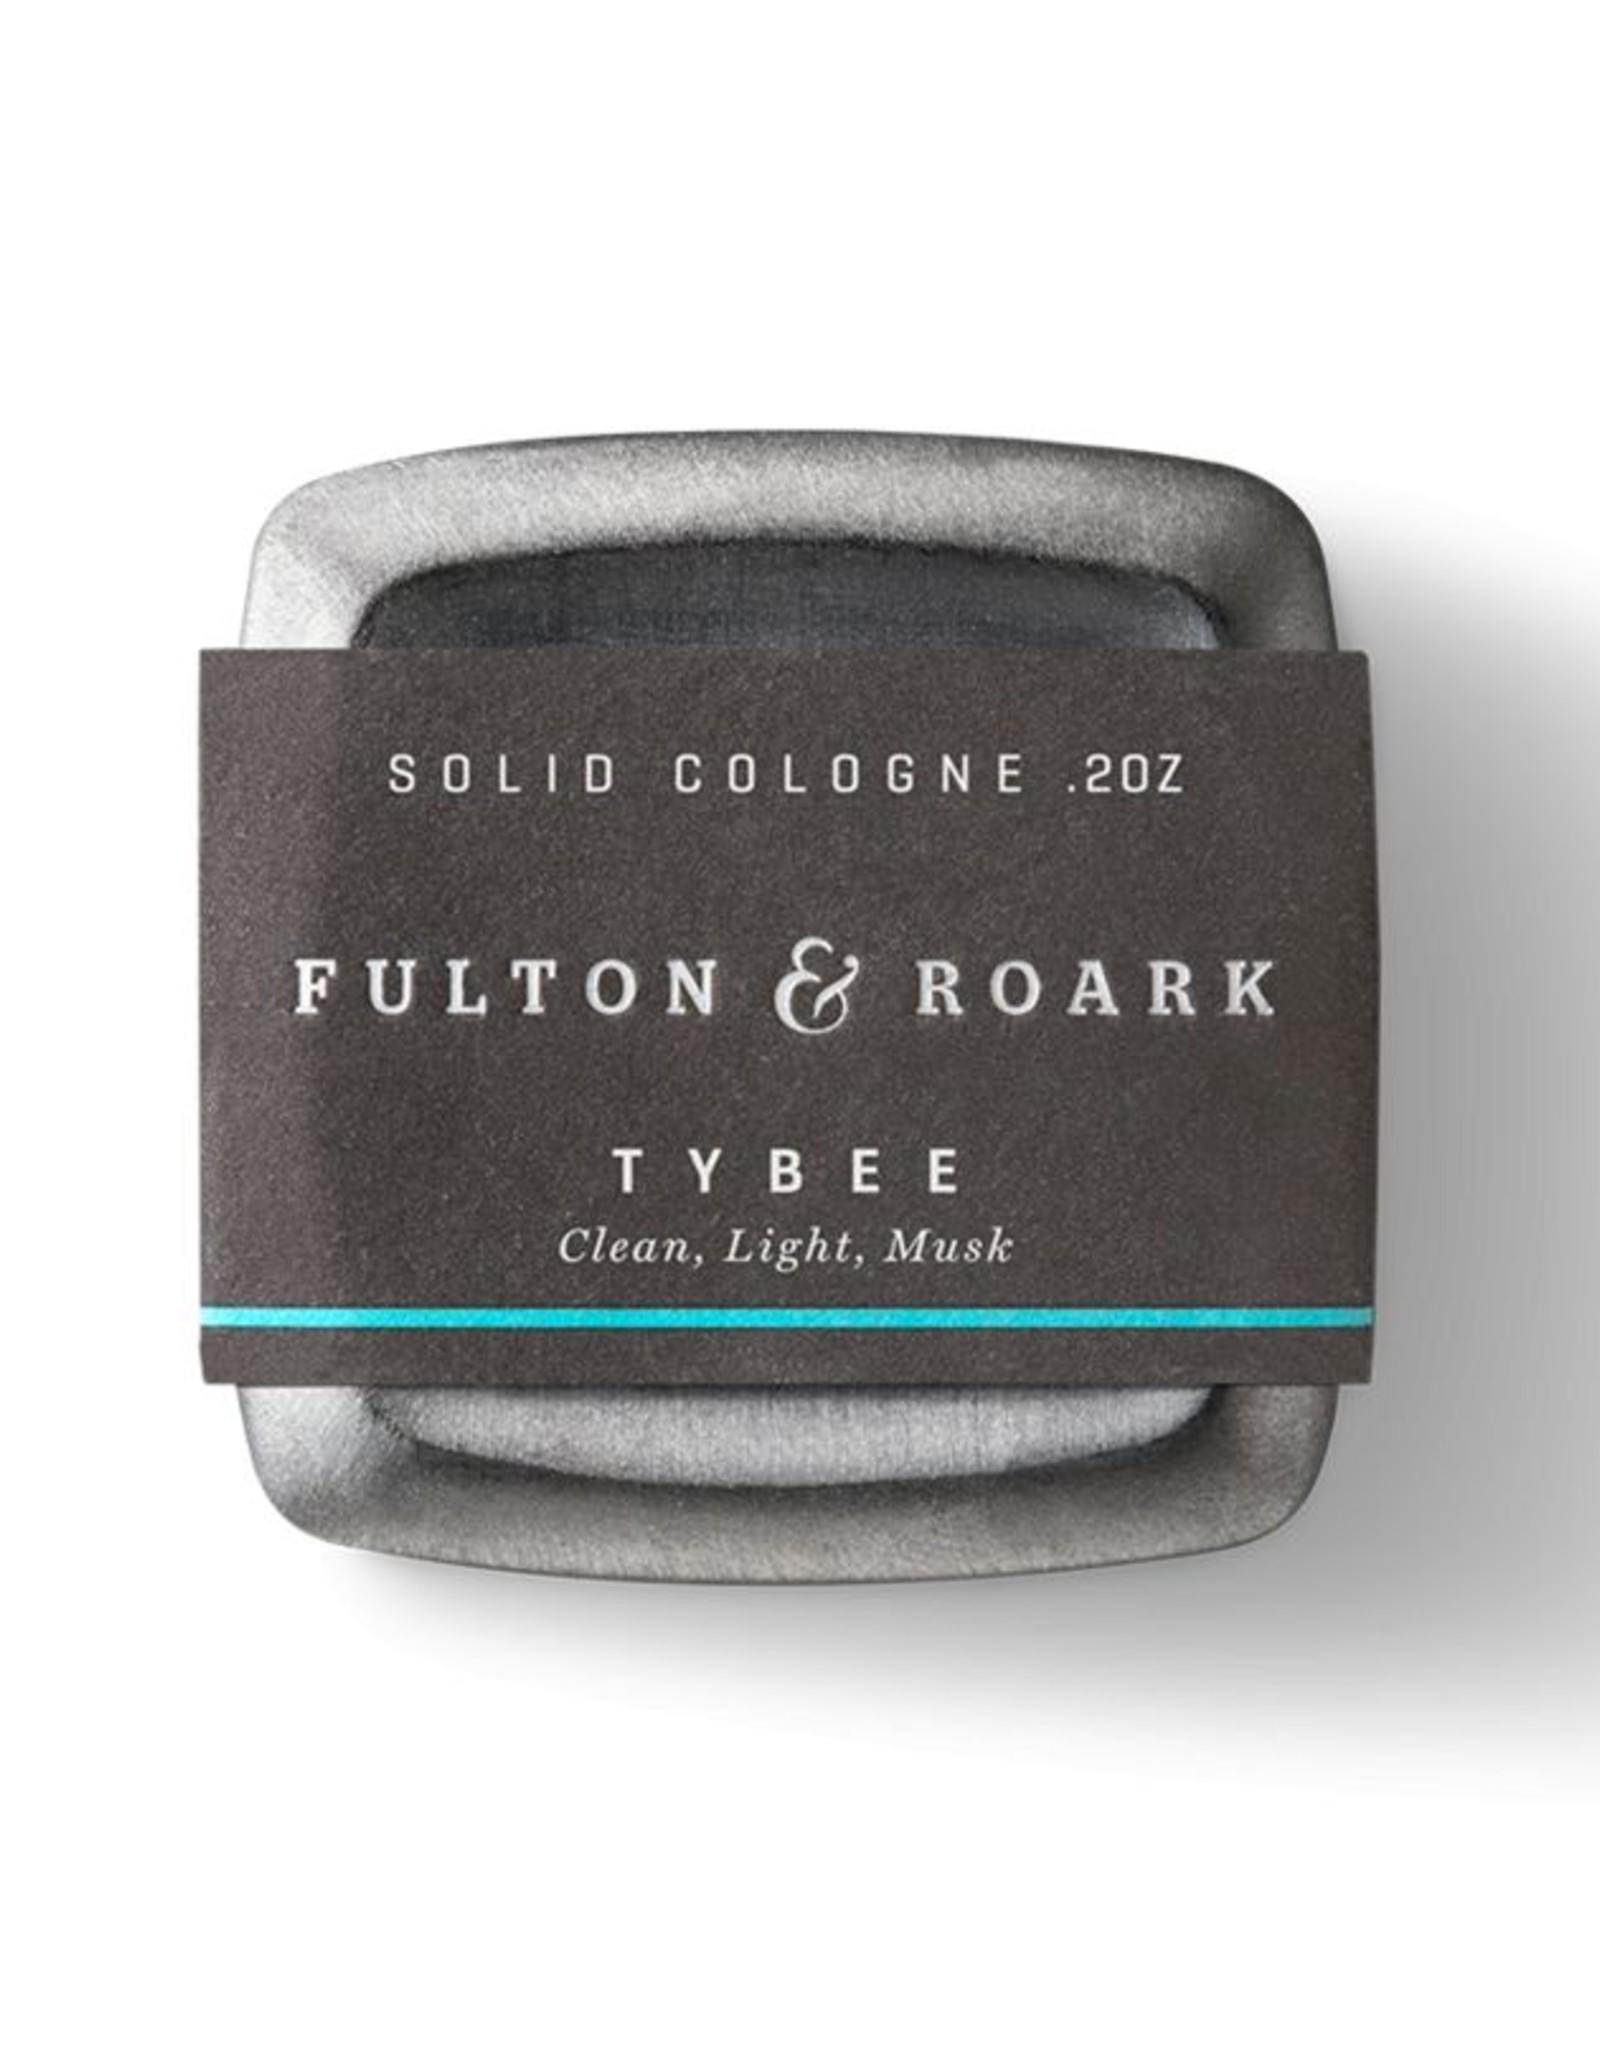 Fulton & Roark Tybee Solid Cologne